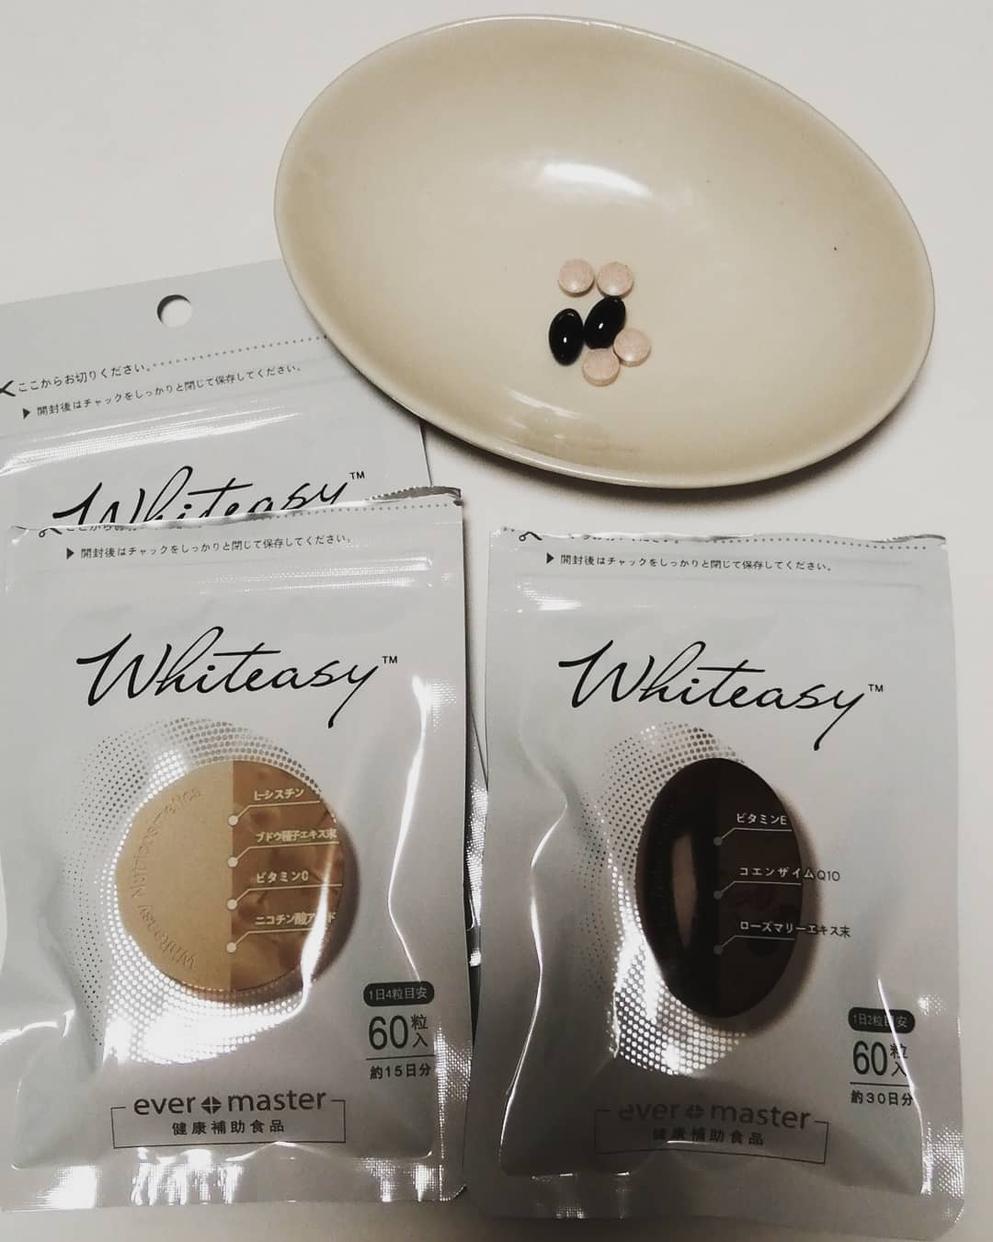 Whiteasy(ホワイトイージー)L-シスチン · ビタミンE含有加工食品を使ったお肉ちゃんさんのクチコミ画像